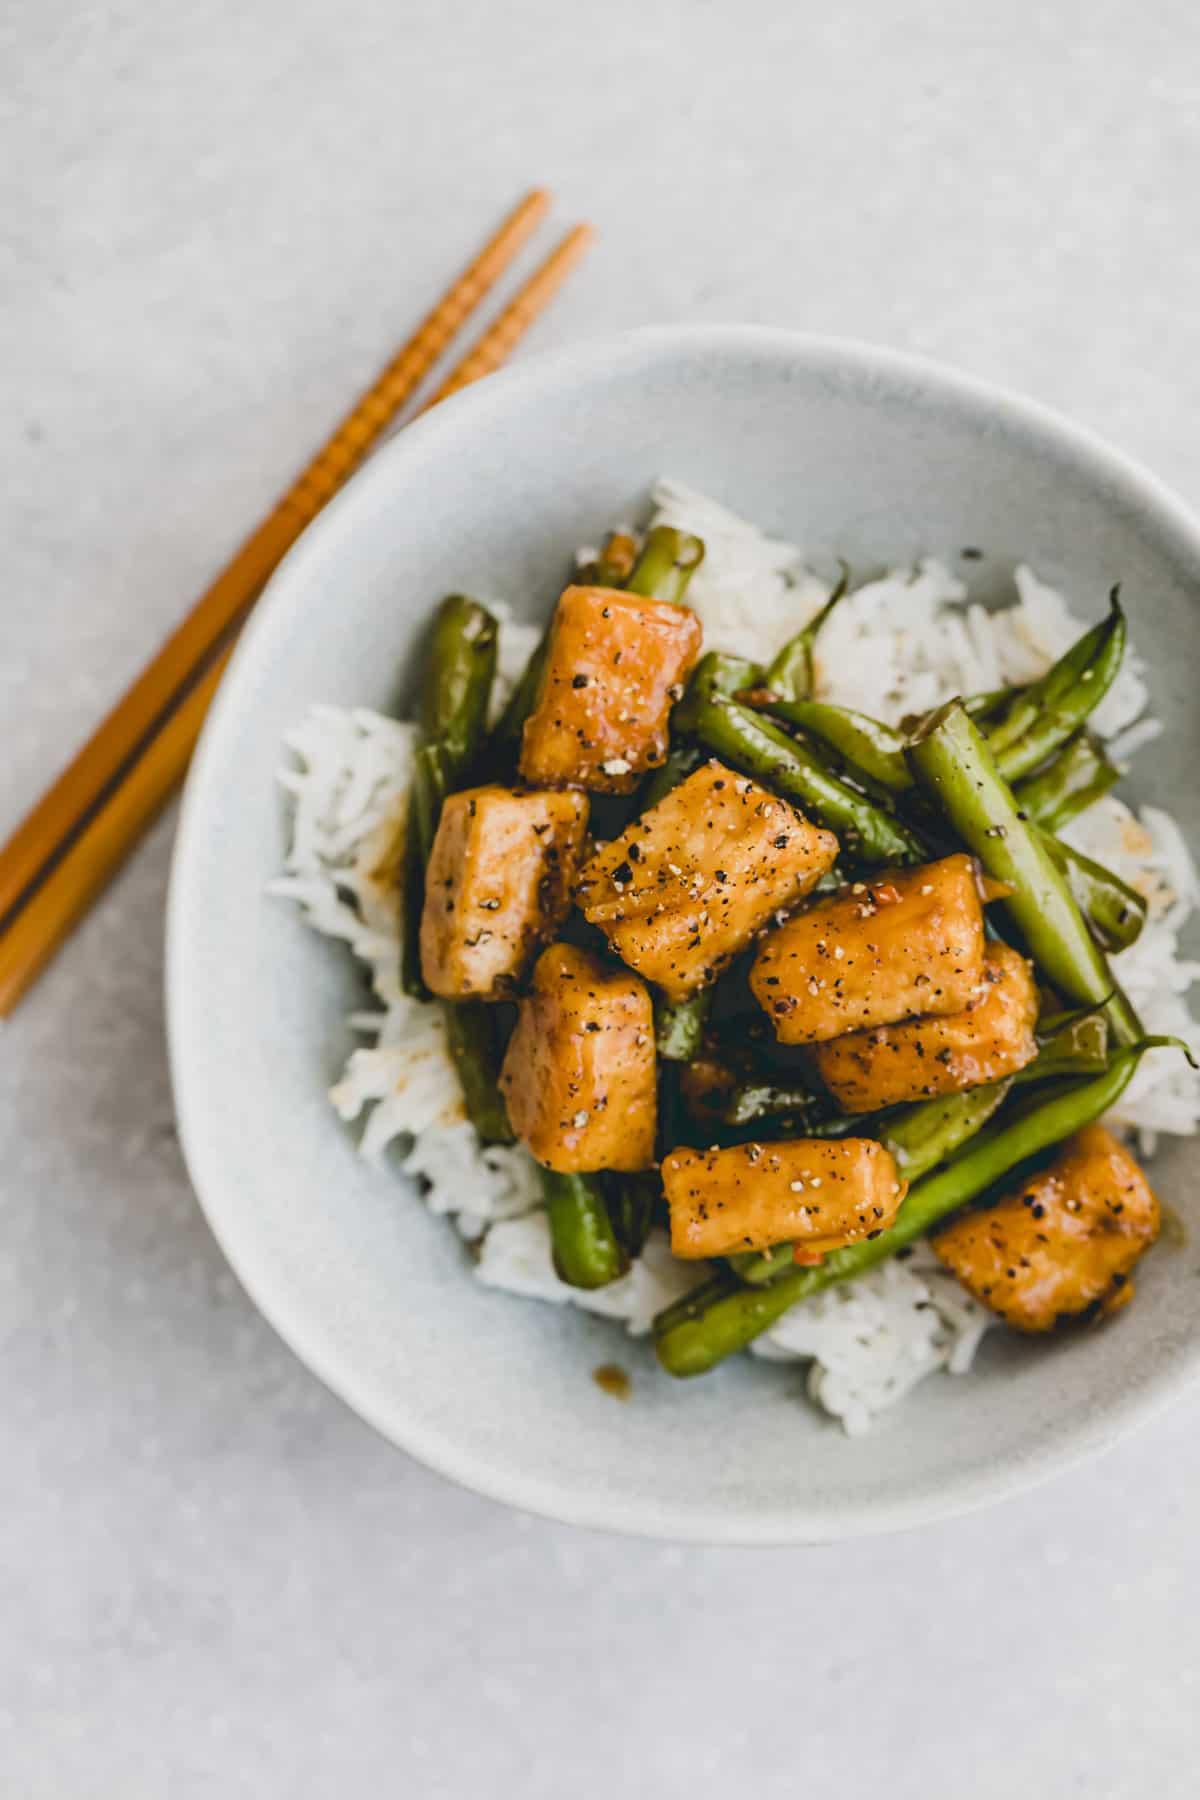 eine schüssel mit mariniertem tofu und grünen bohen